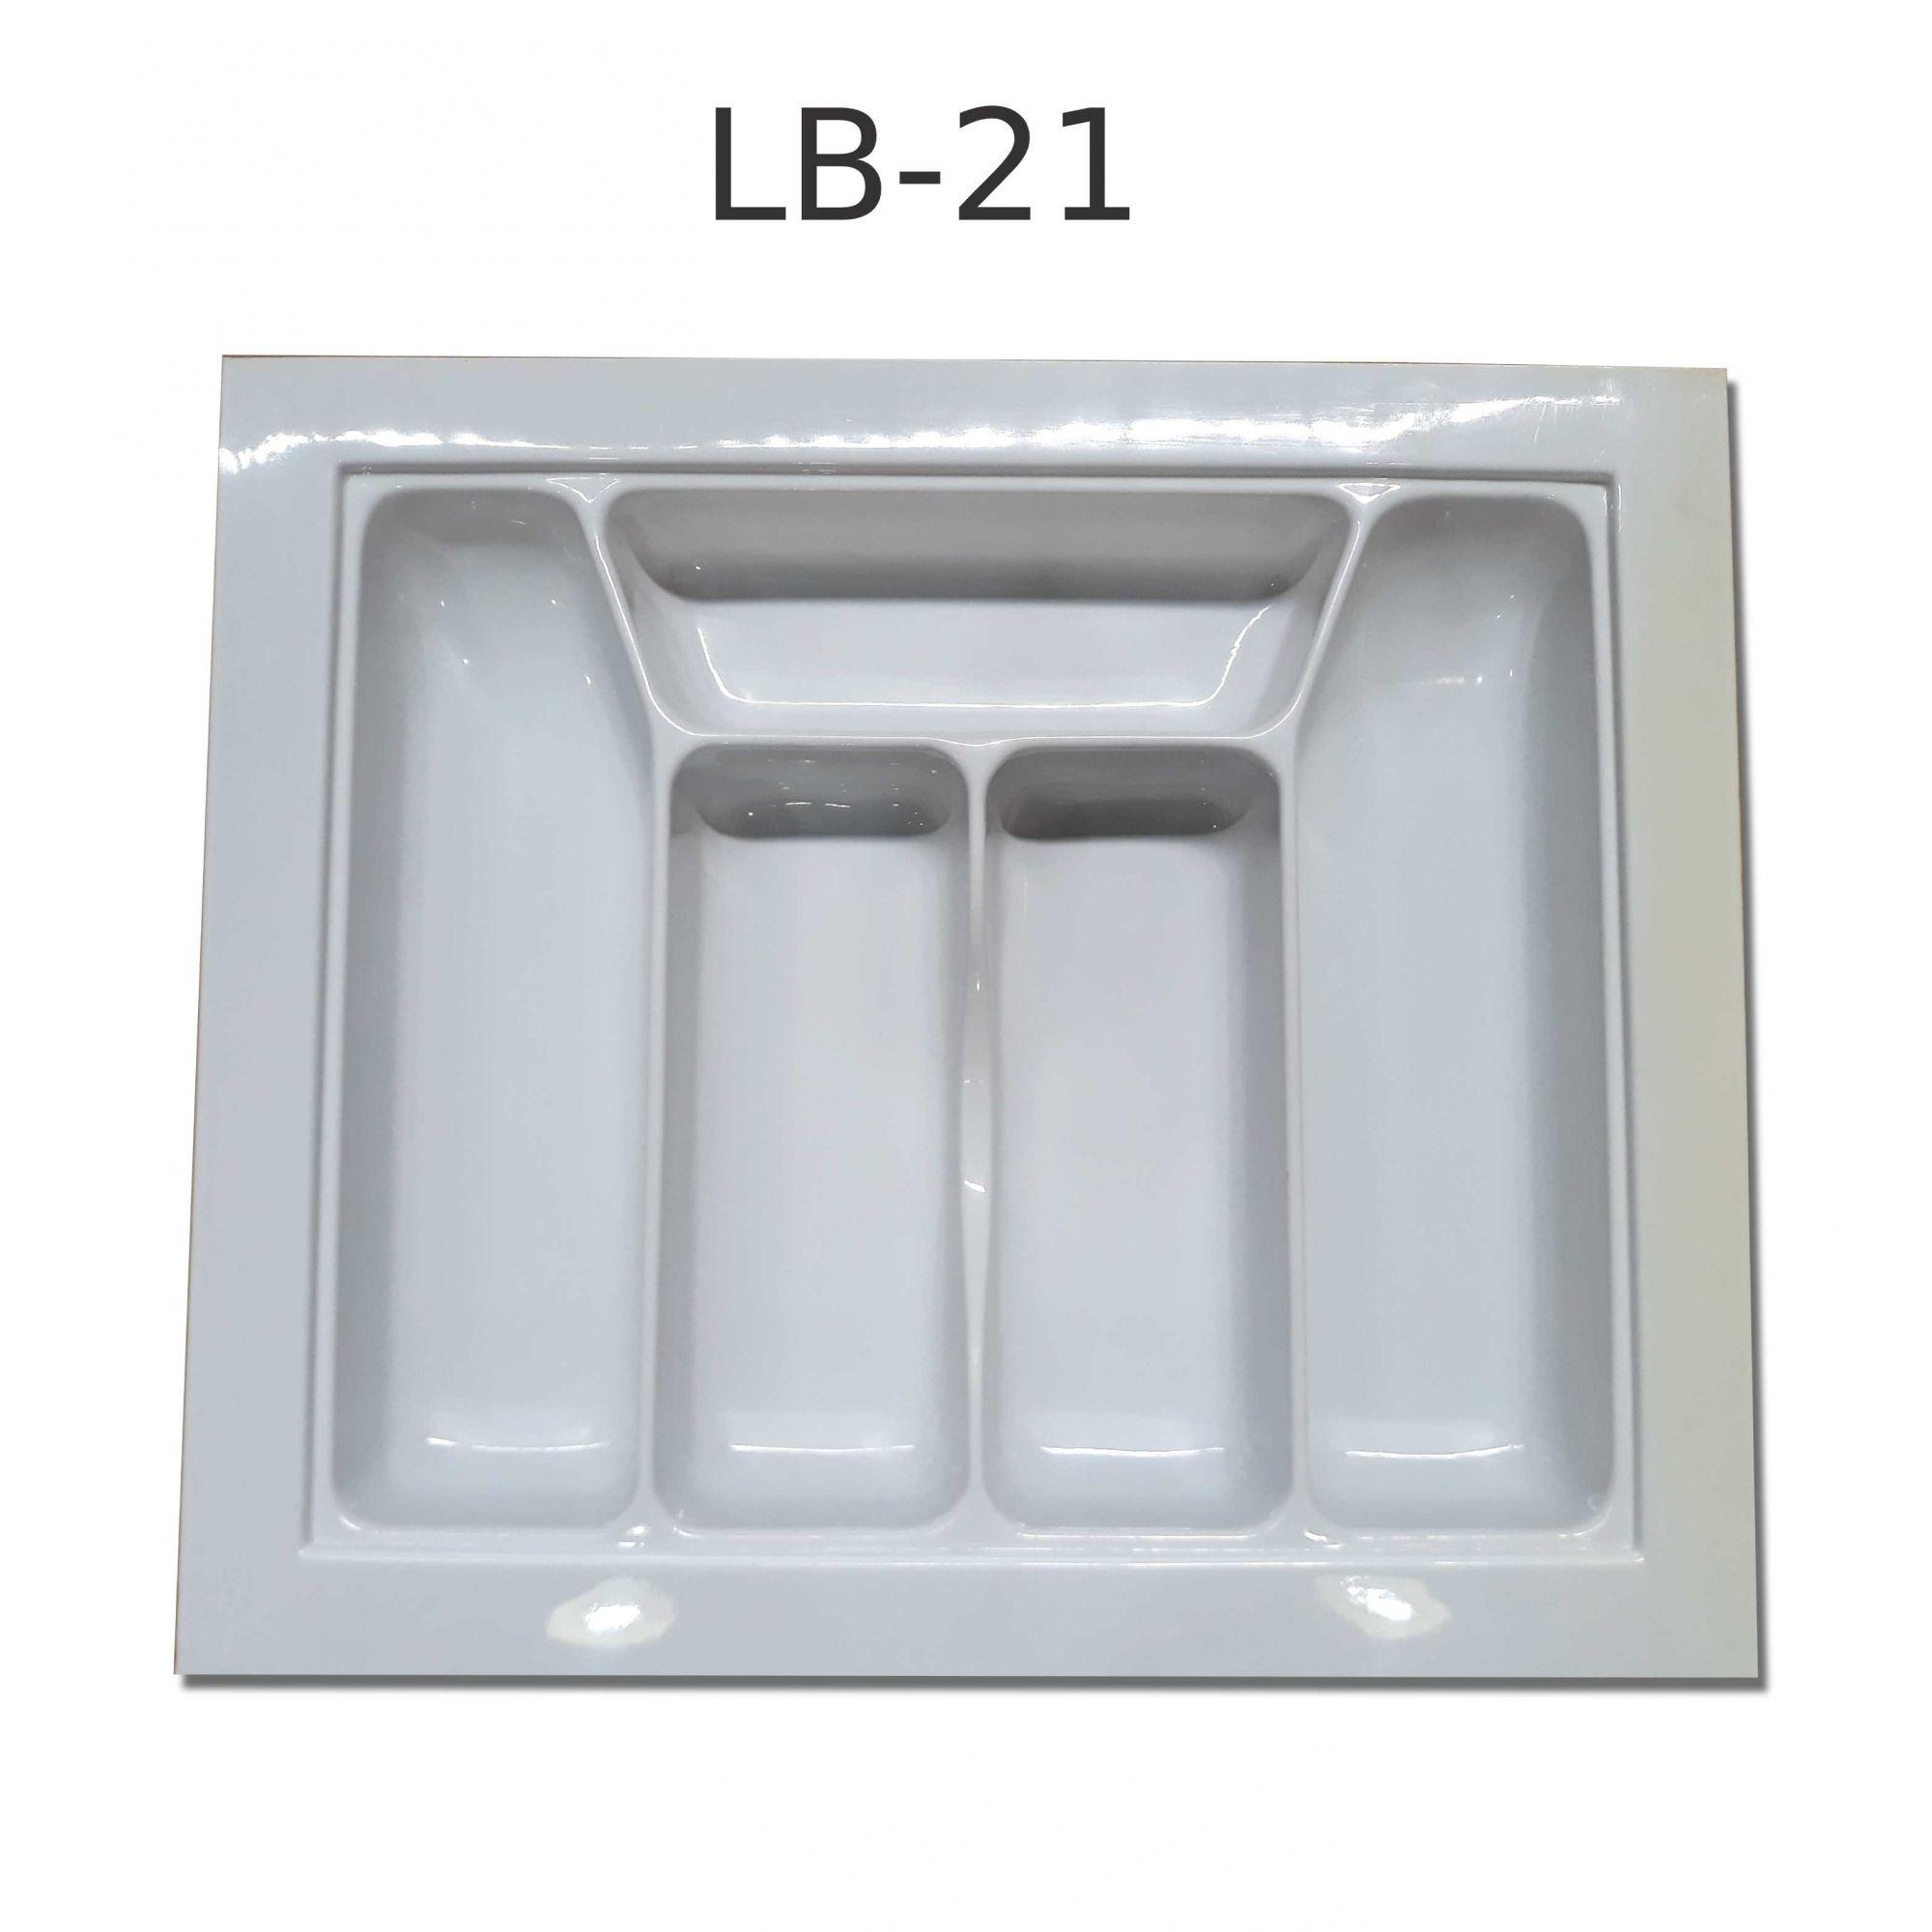 Divisor de Talher LB-021  Ajustável (48,0x41,0 cm) Branco